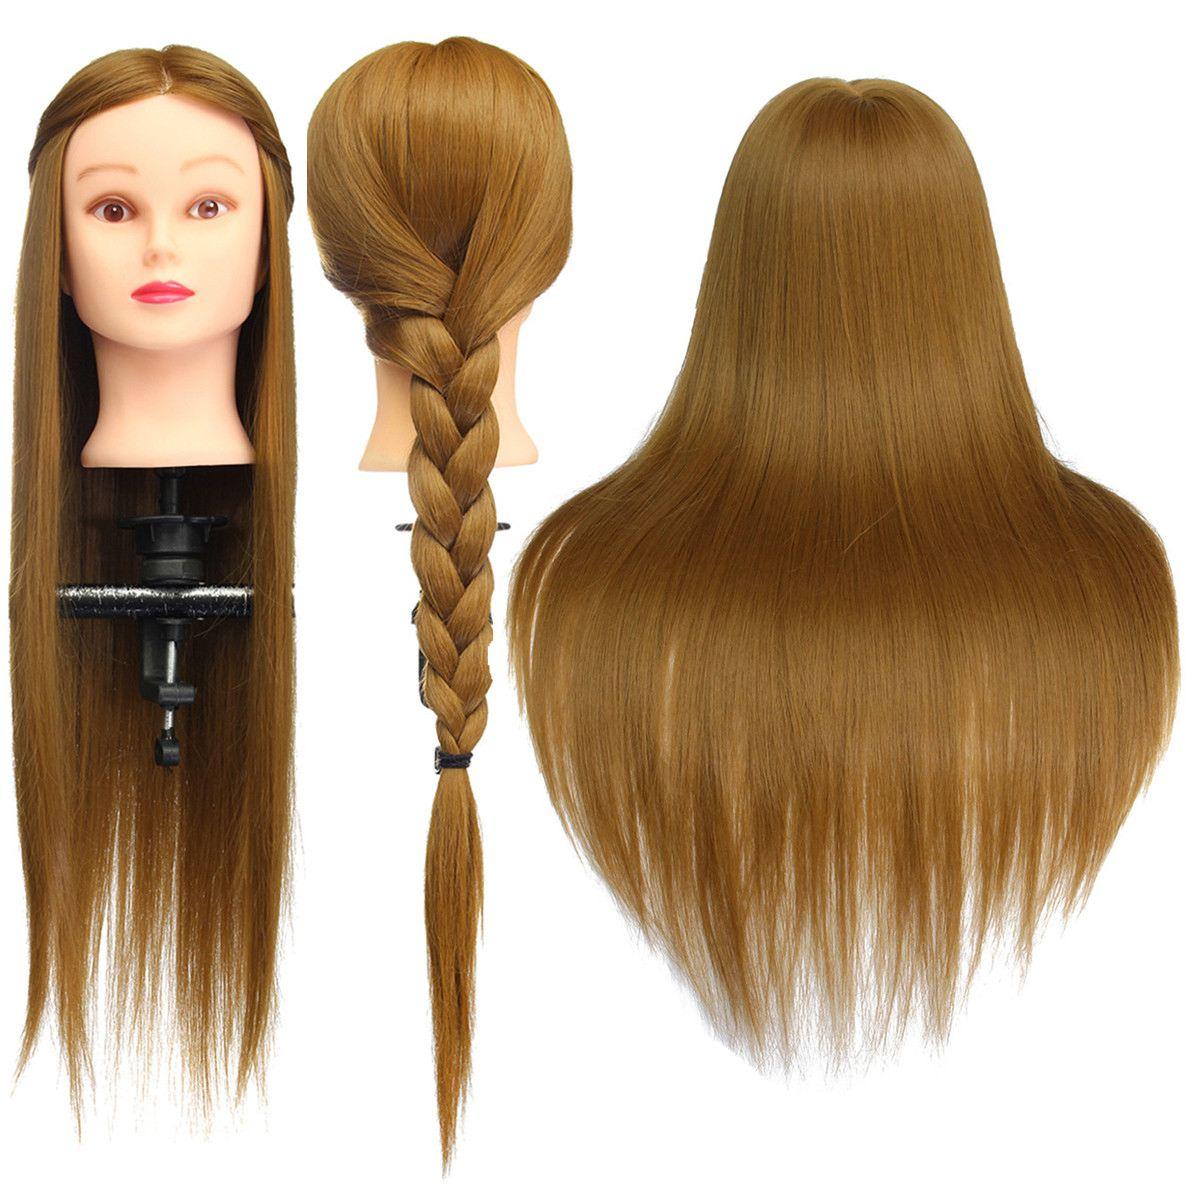 Голова-манекен для тренировок с блондиновым и 30% натуральным волосами, 26 дюймов